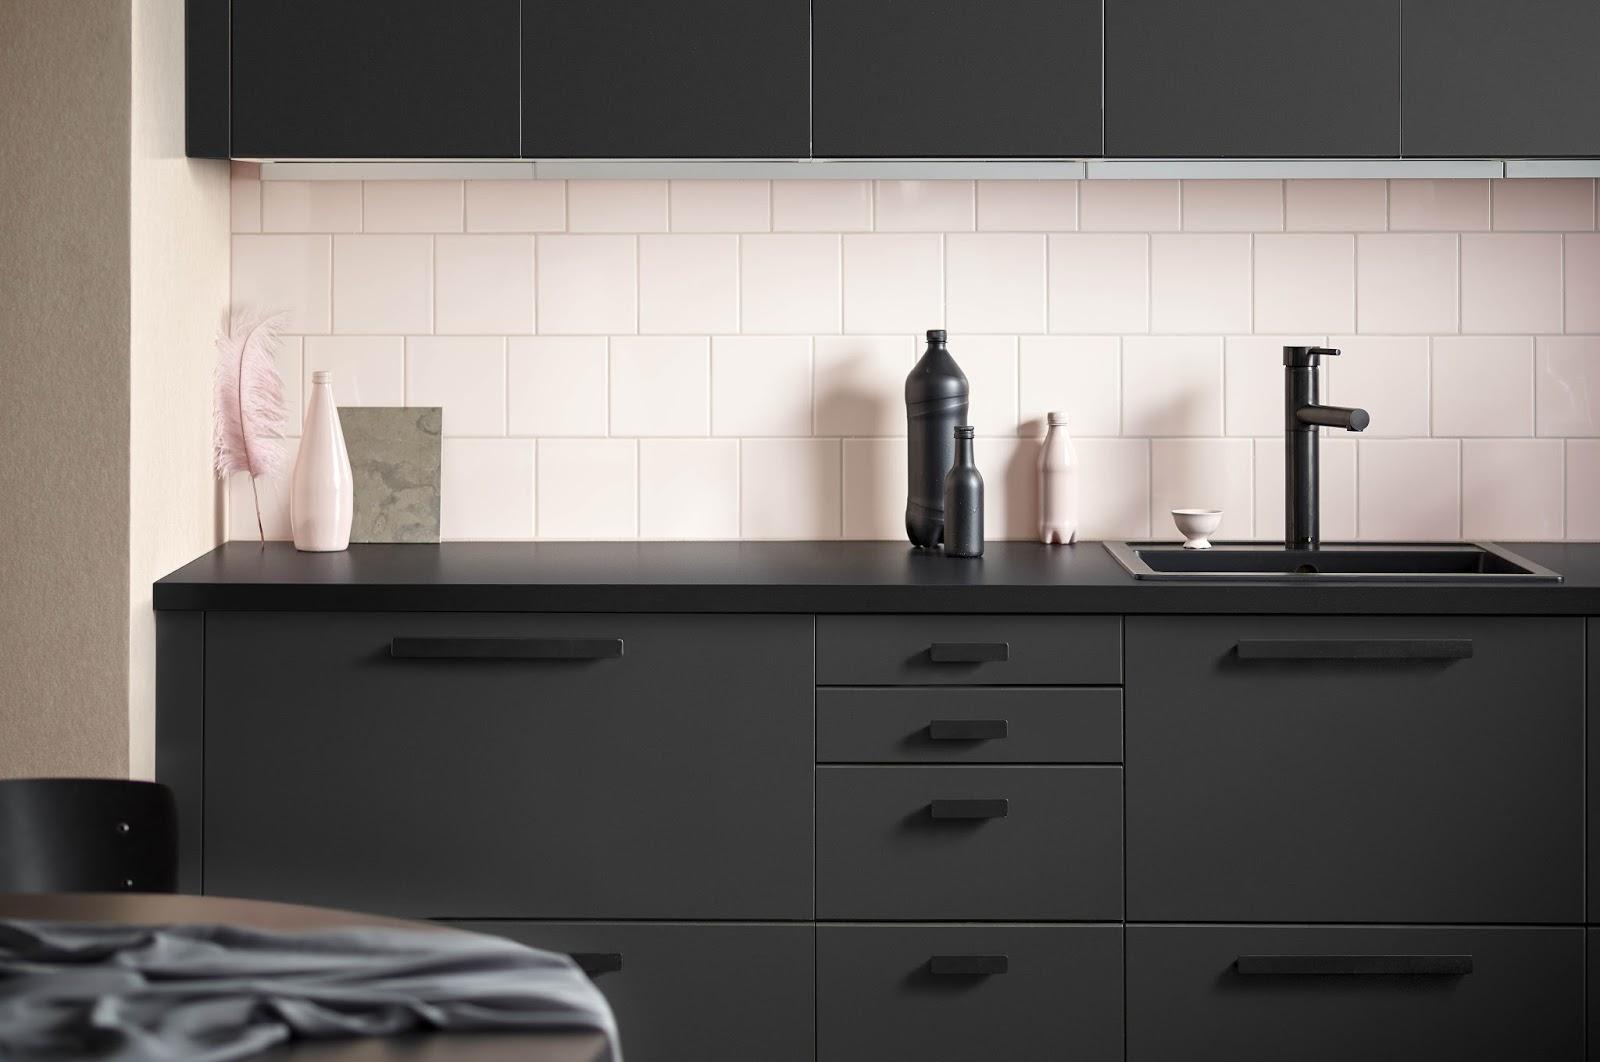 Kitchen Cabinet - Küchenschrank